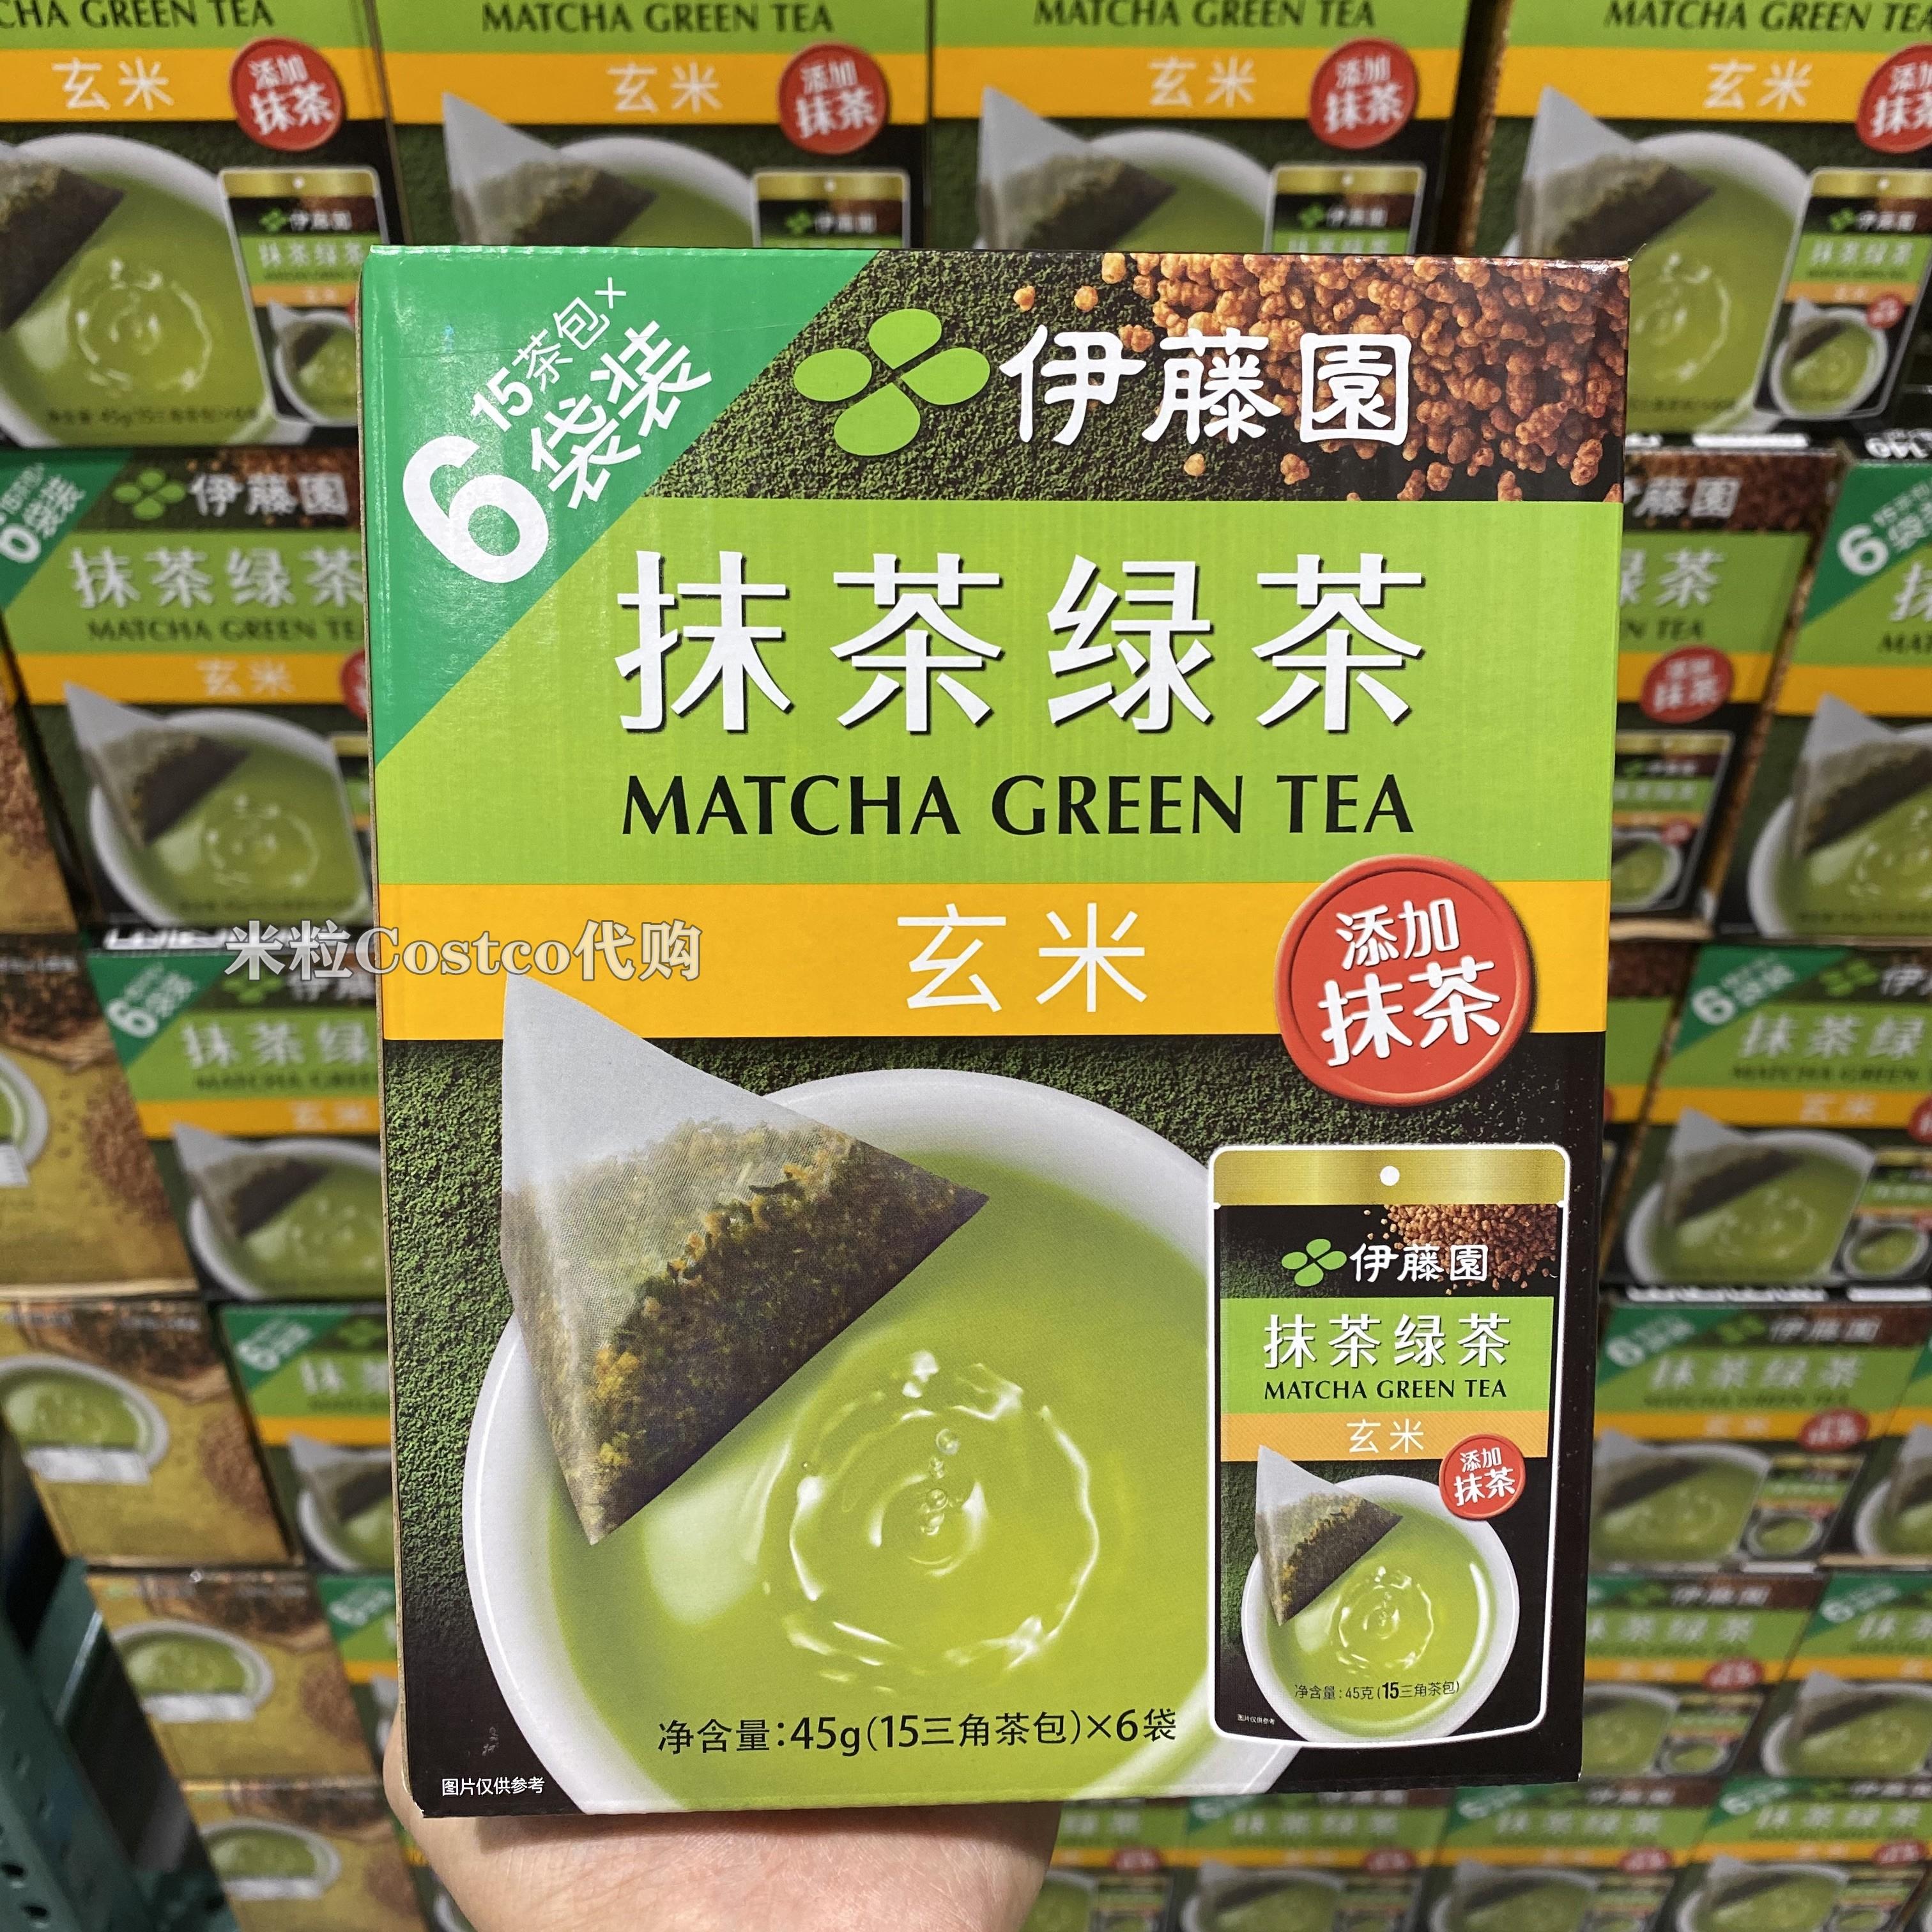 代购开市客costco上海包15每袋袋6伊藤园抹茶绿茶玄米茶包